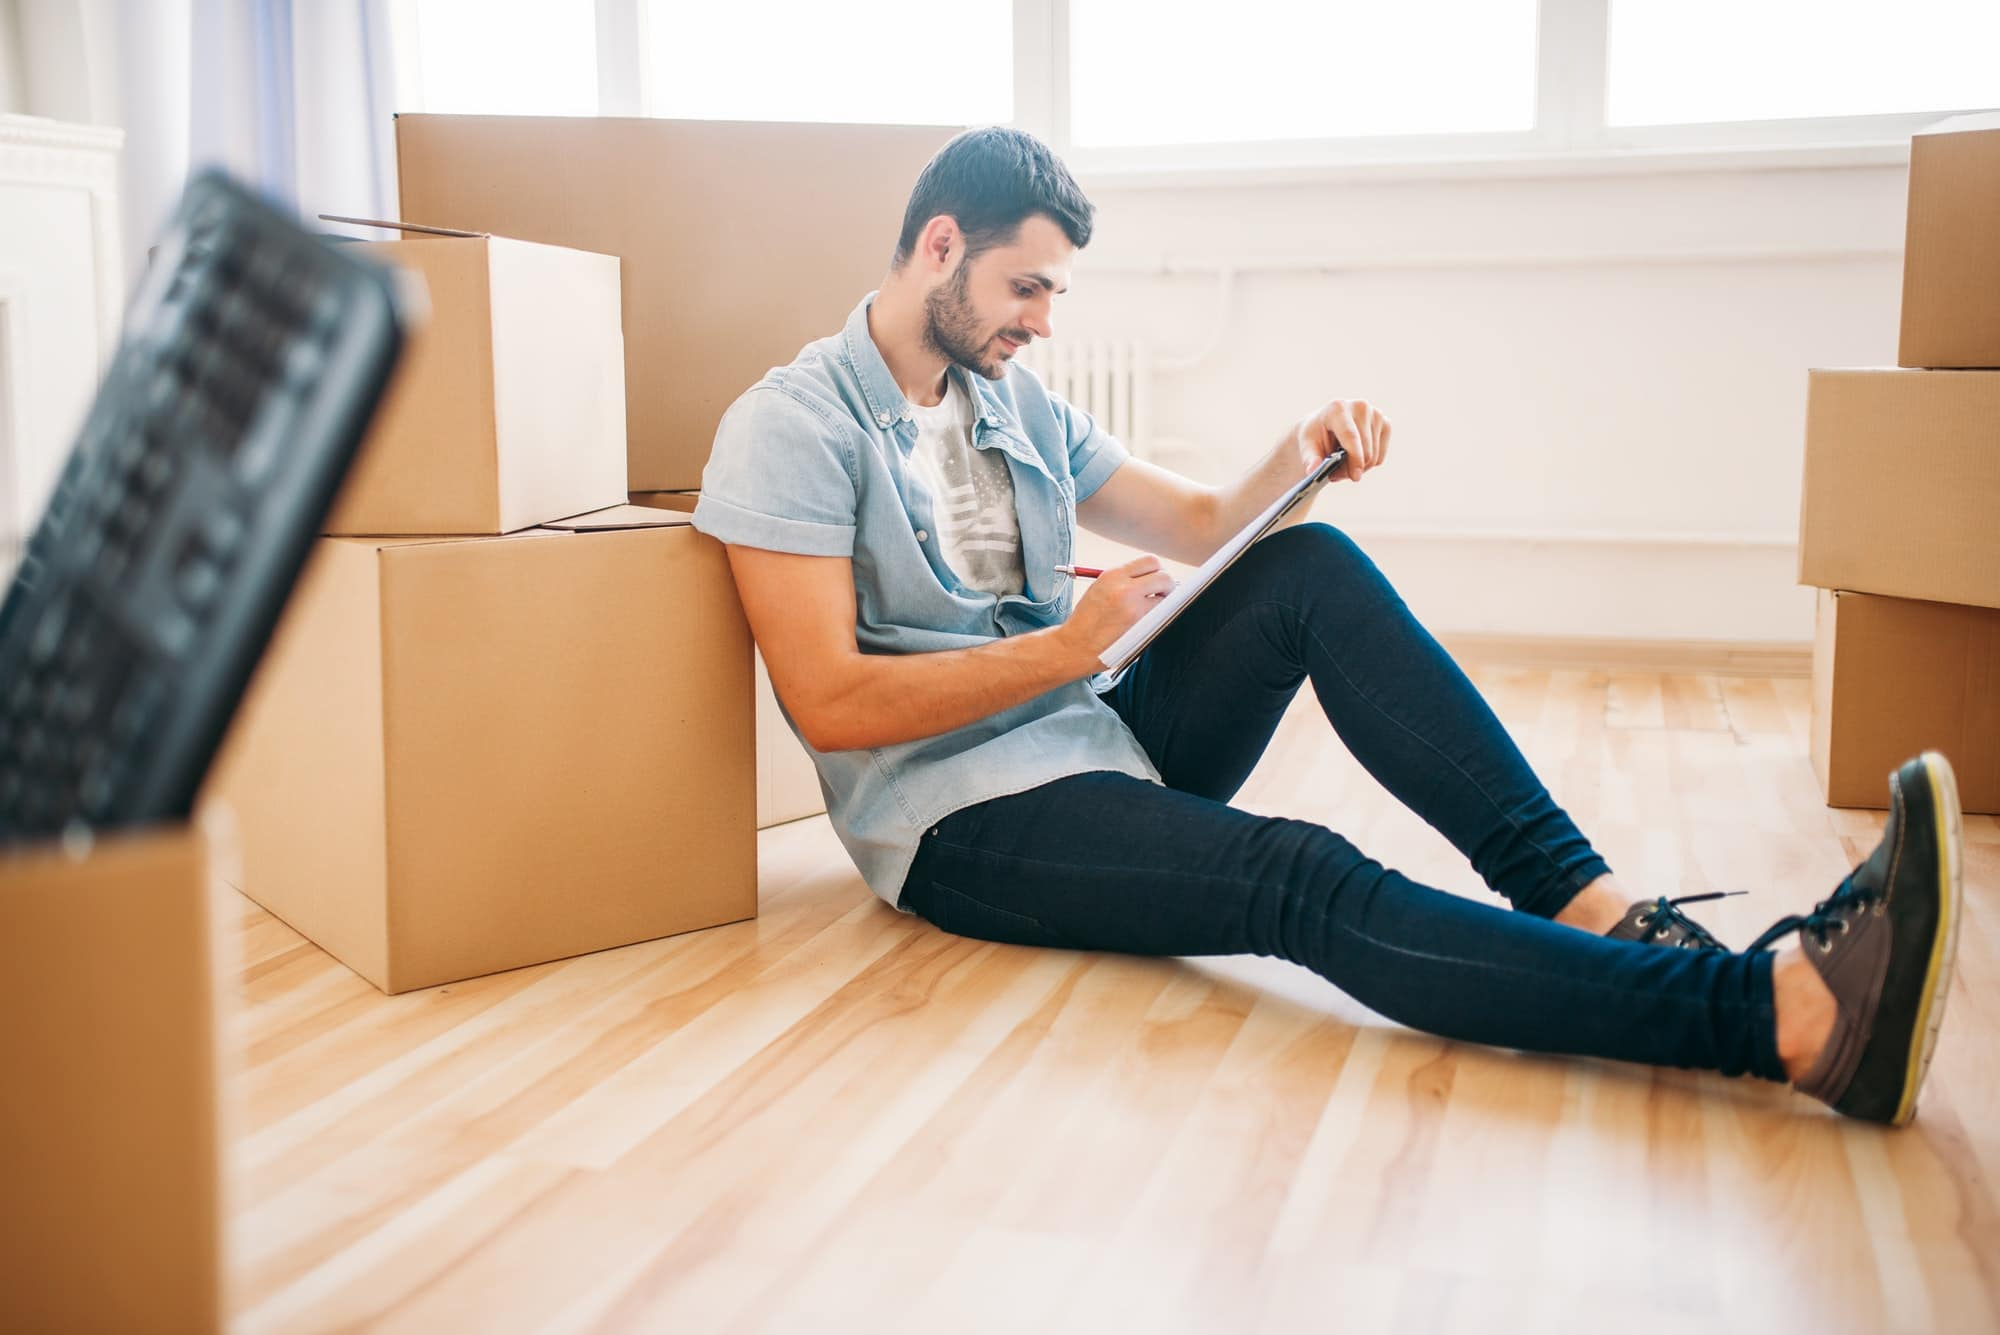 résilier une assurance habitation sans état des lieux